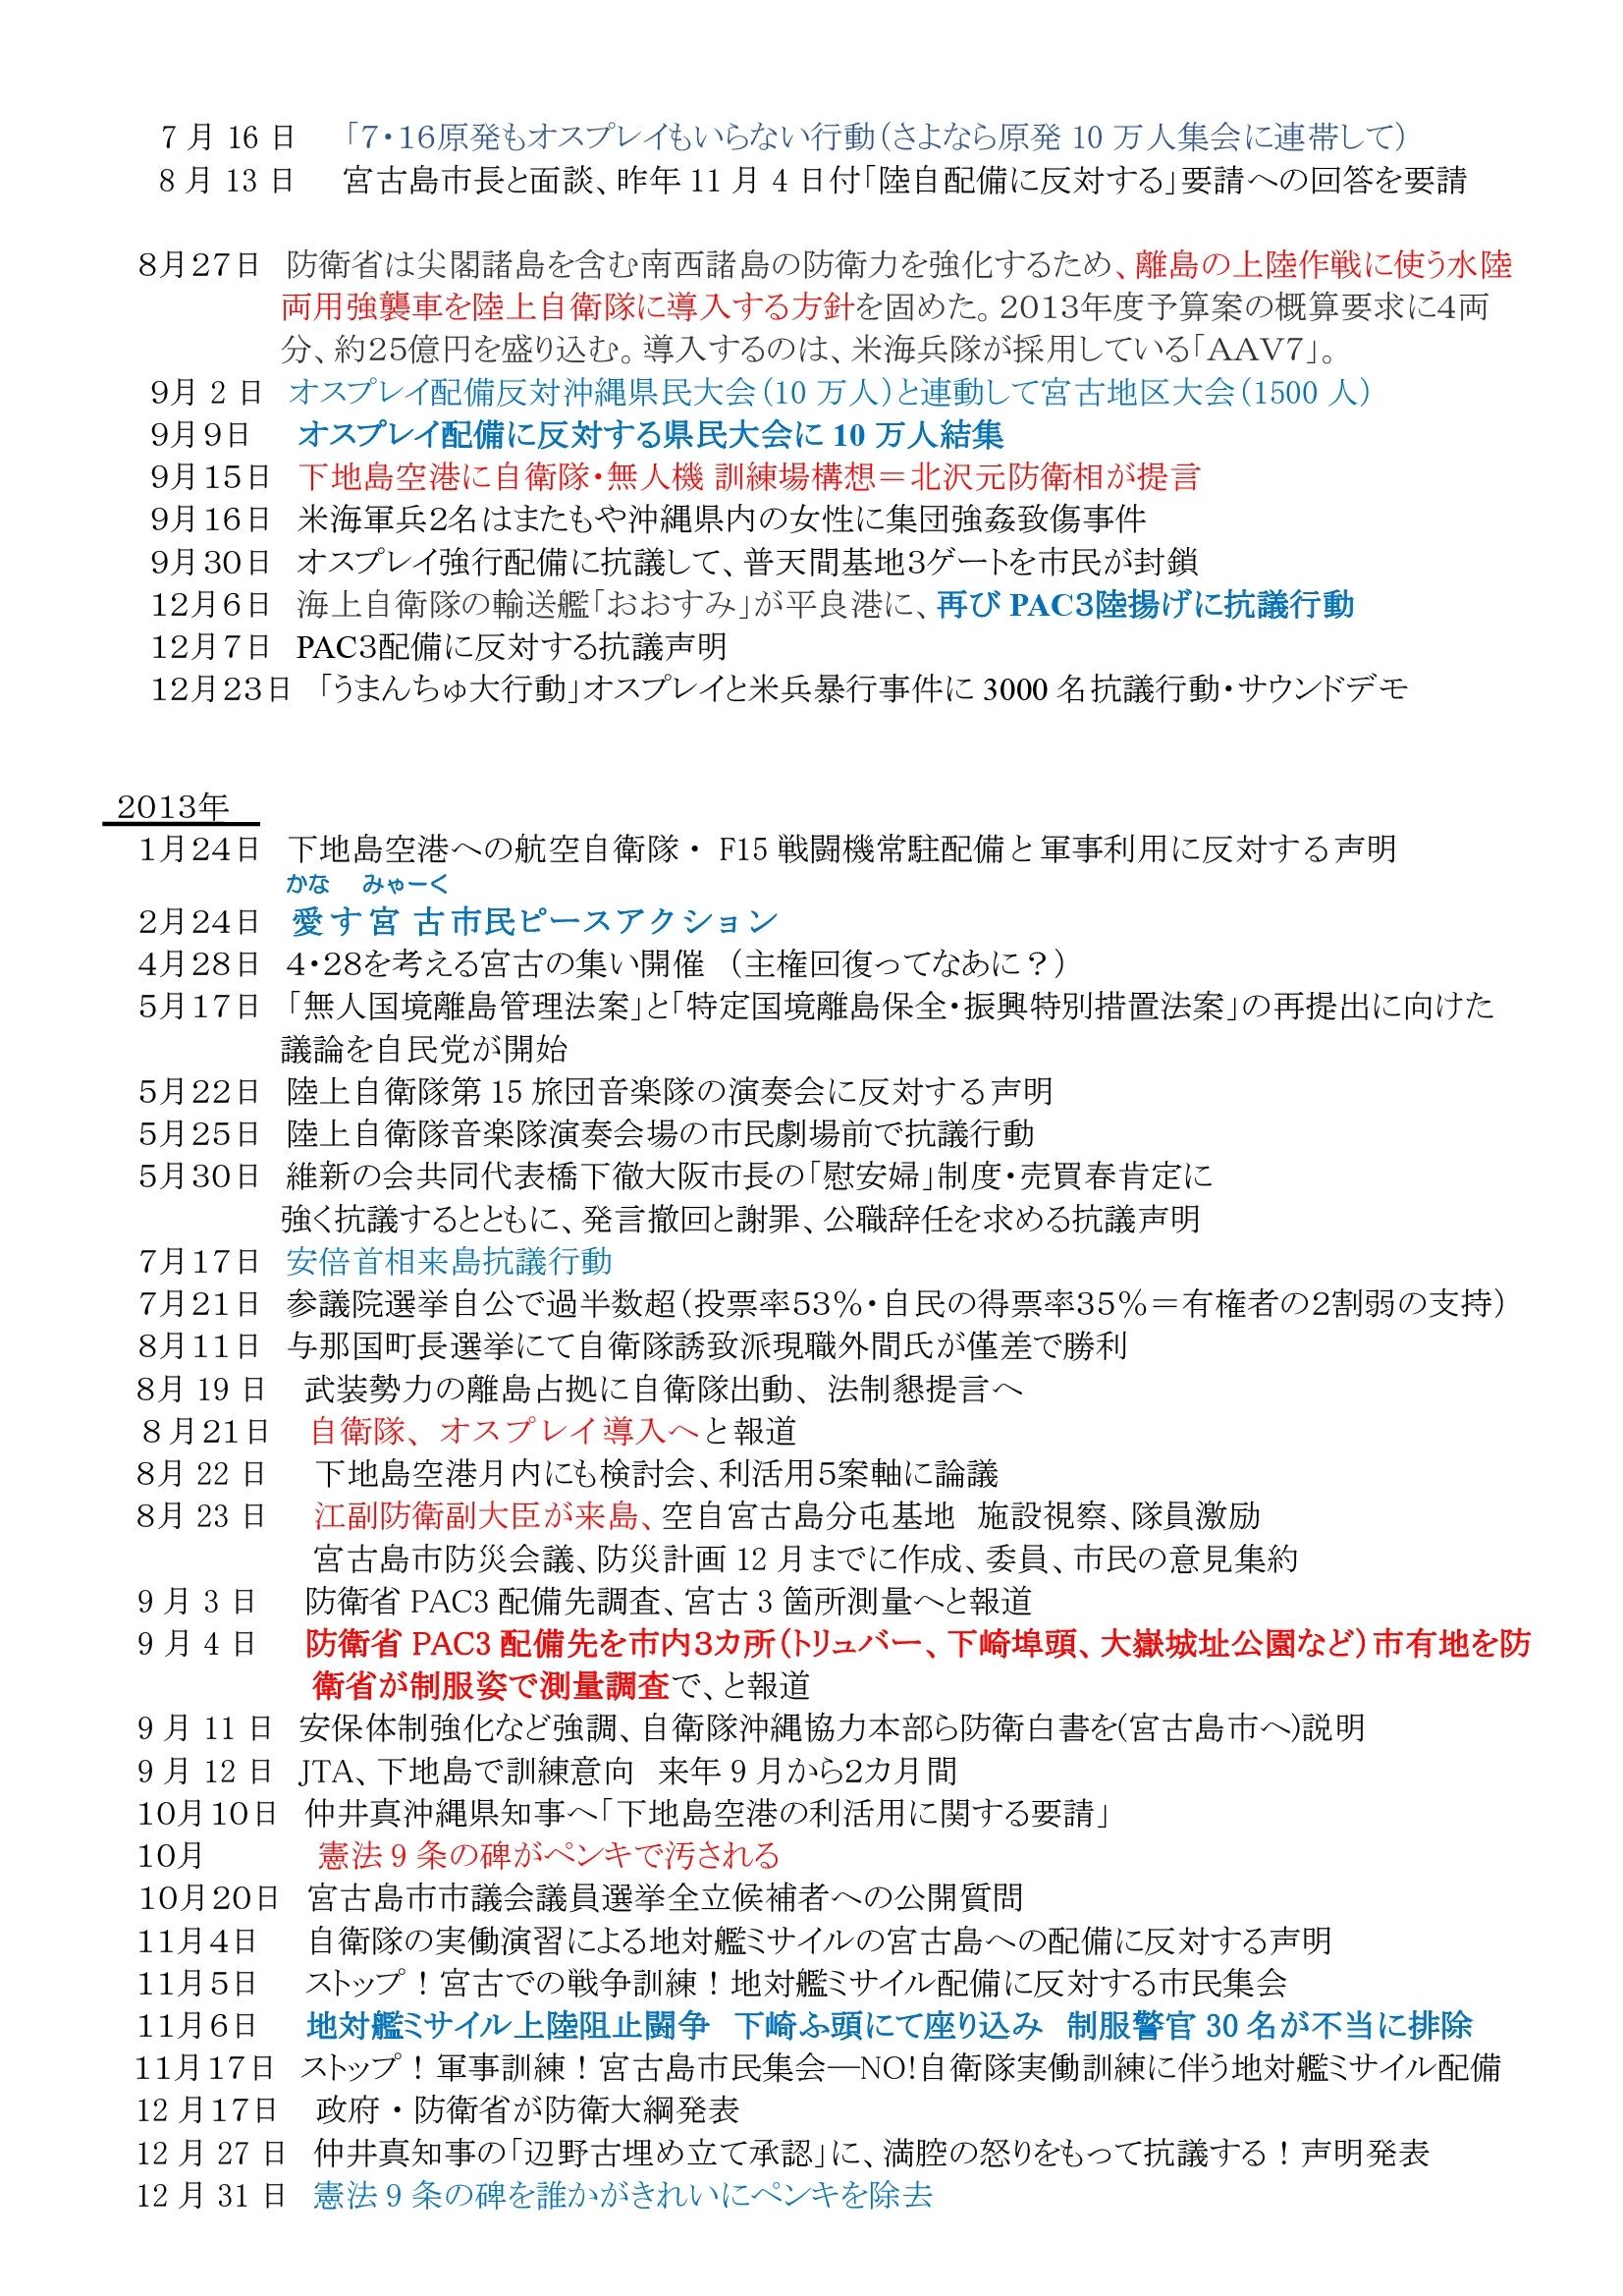 年表:宮古島における反軍反基地の闘い2010~2020 03